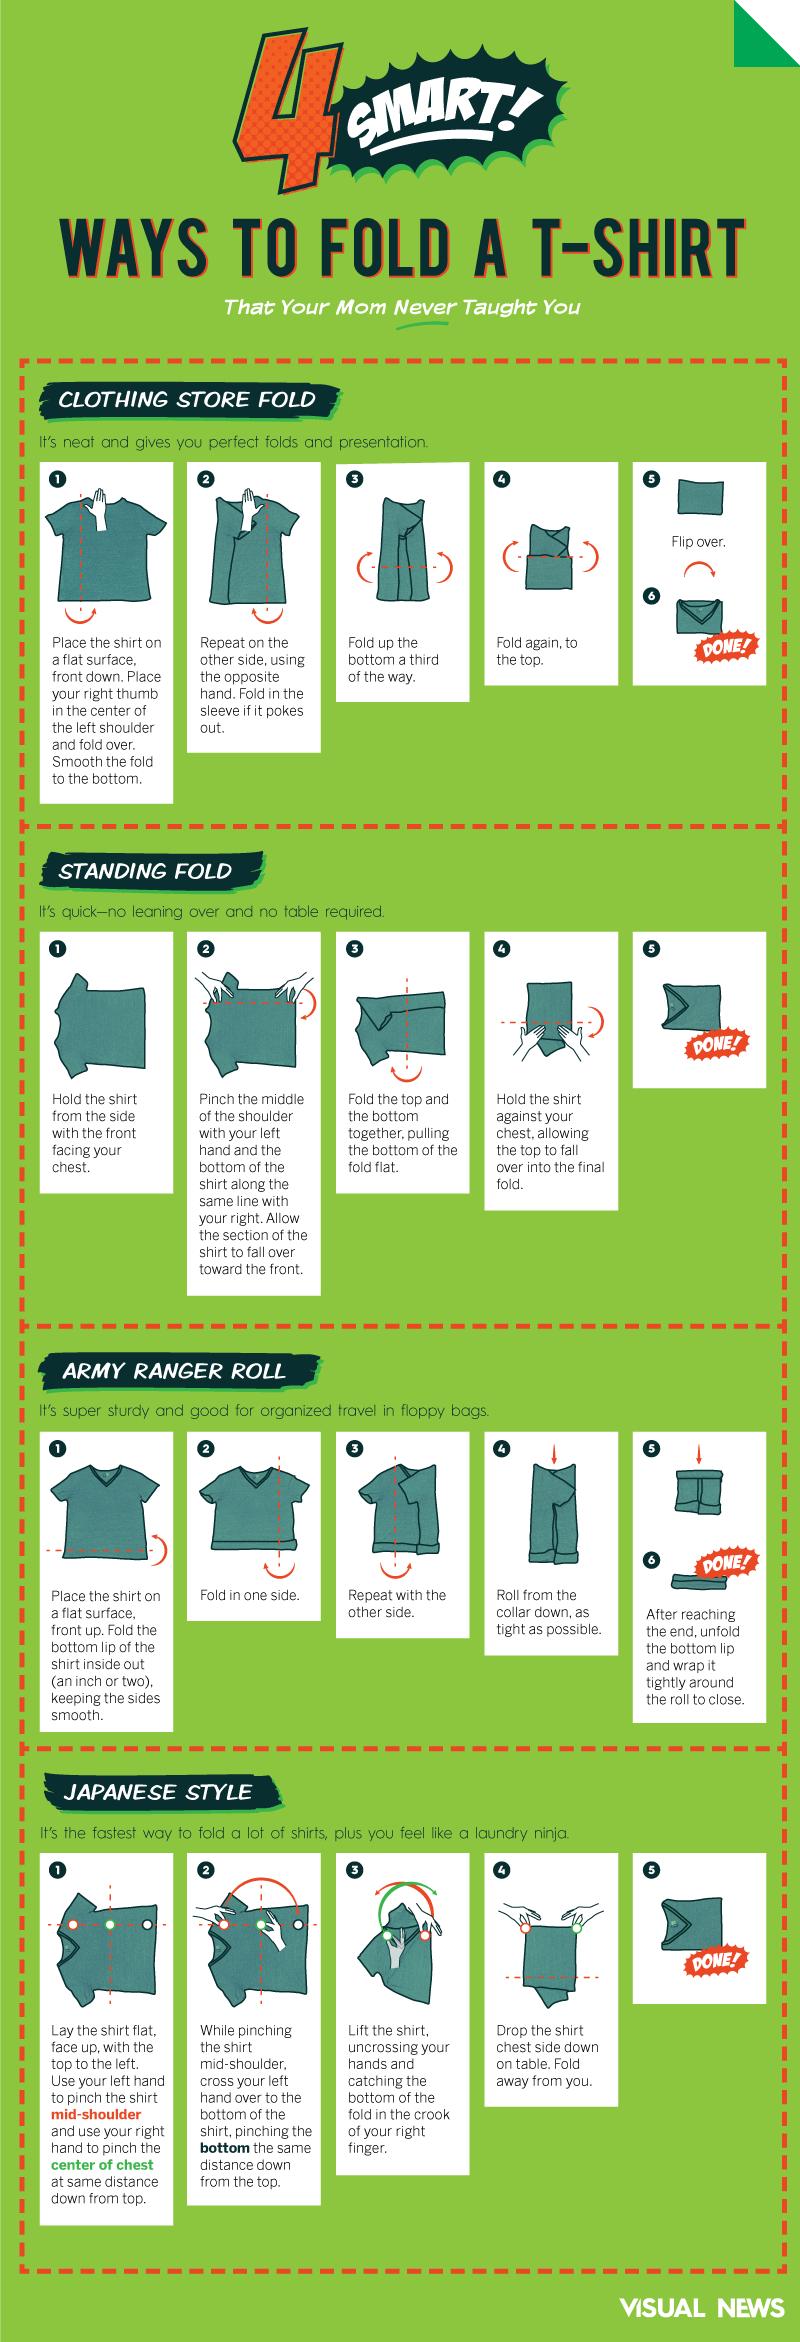 インフォグラフィック:Tシャツを一瞬でたたむ技。ショップ店員を超える速さ×キレイさ